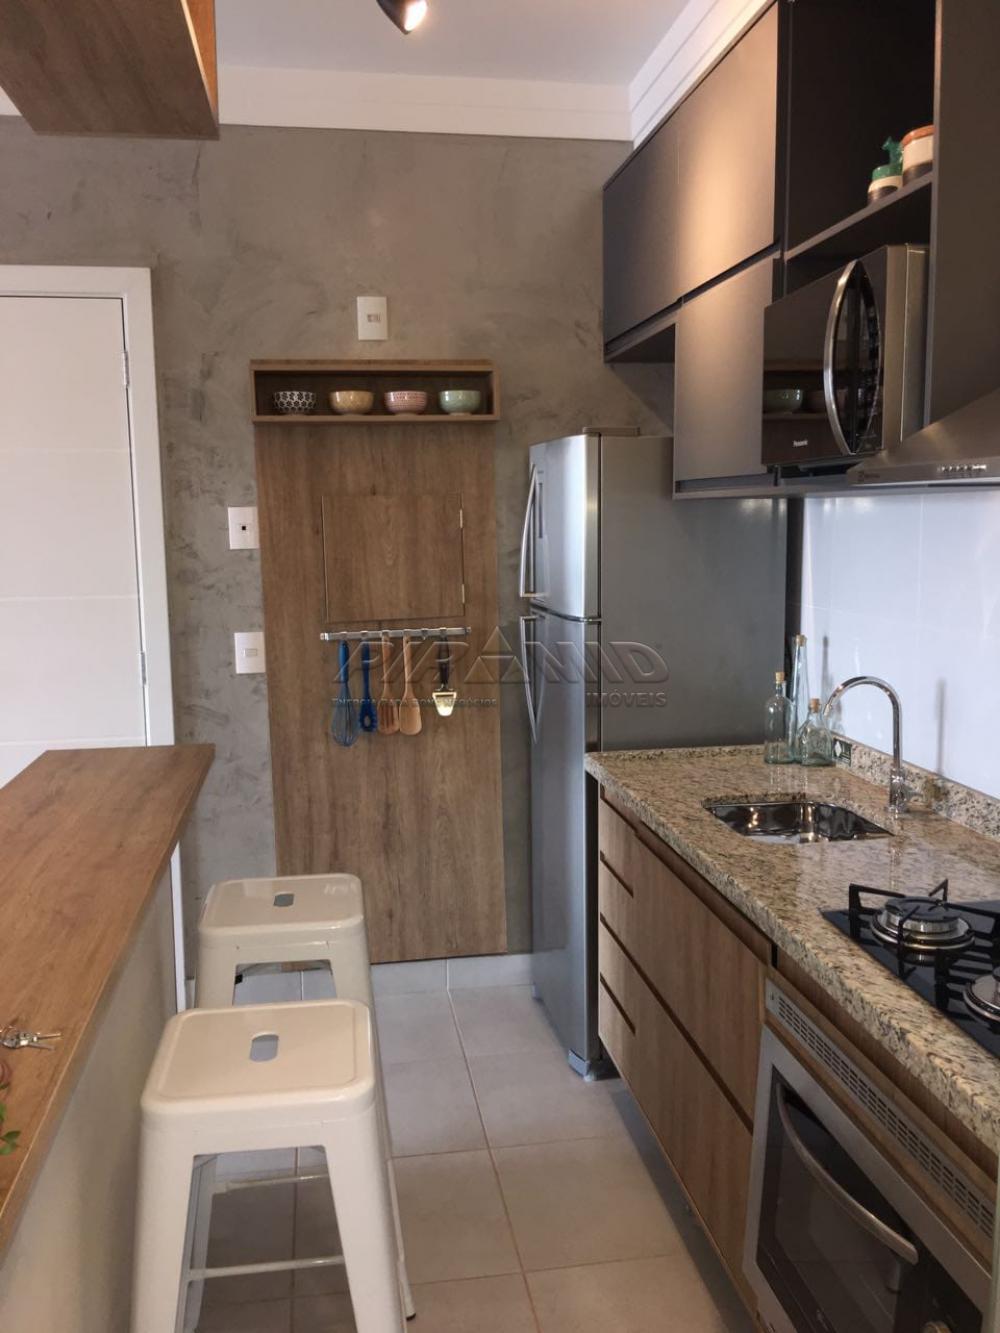 Comprar Apartamento / Padrão em Ribeirão Preto apenas R$ 203.320,00 - Foto 16